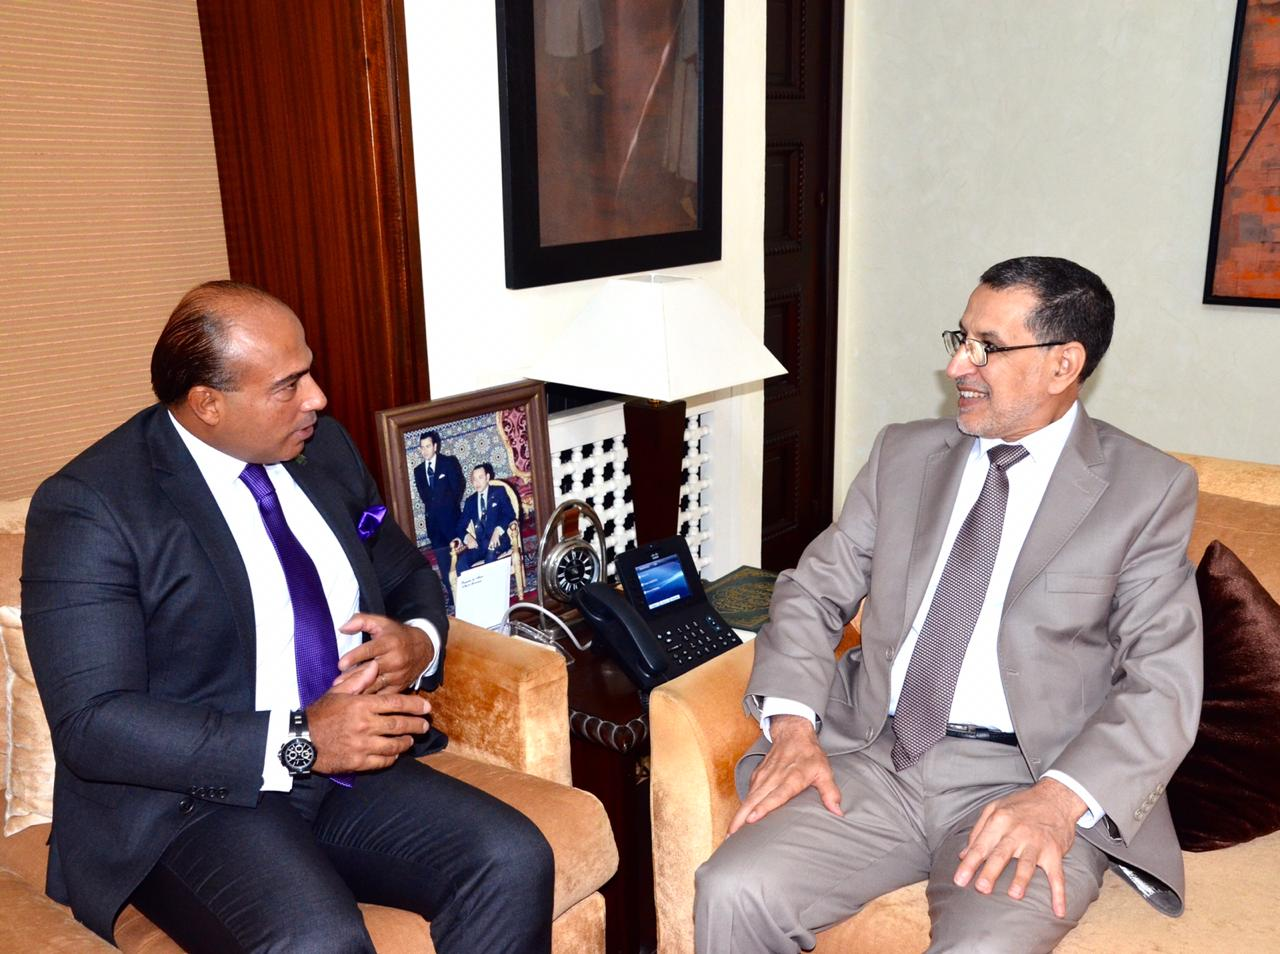 لقاء السفير مع الرئيس الحكومة المغربية